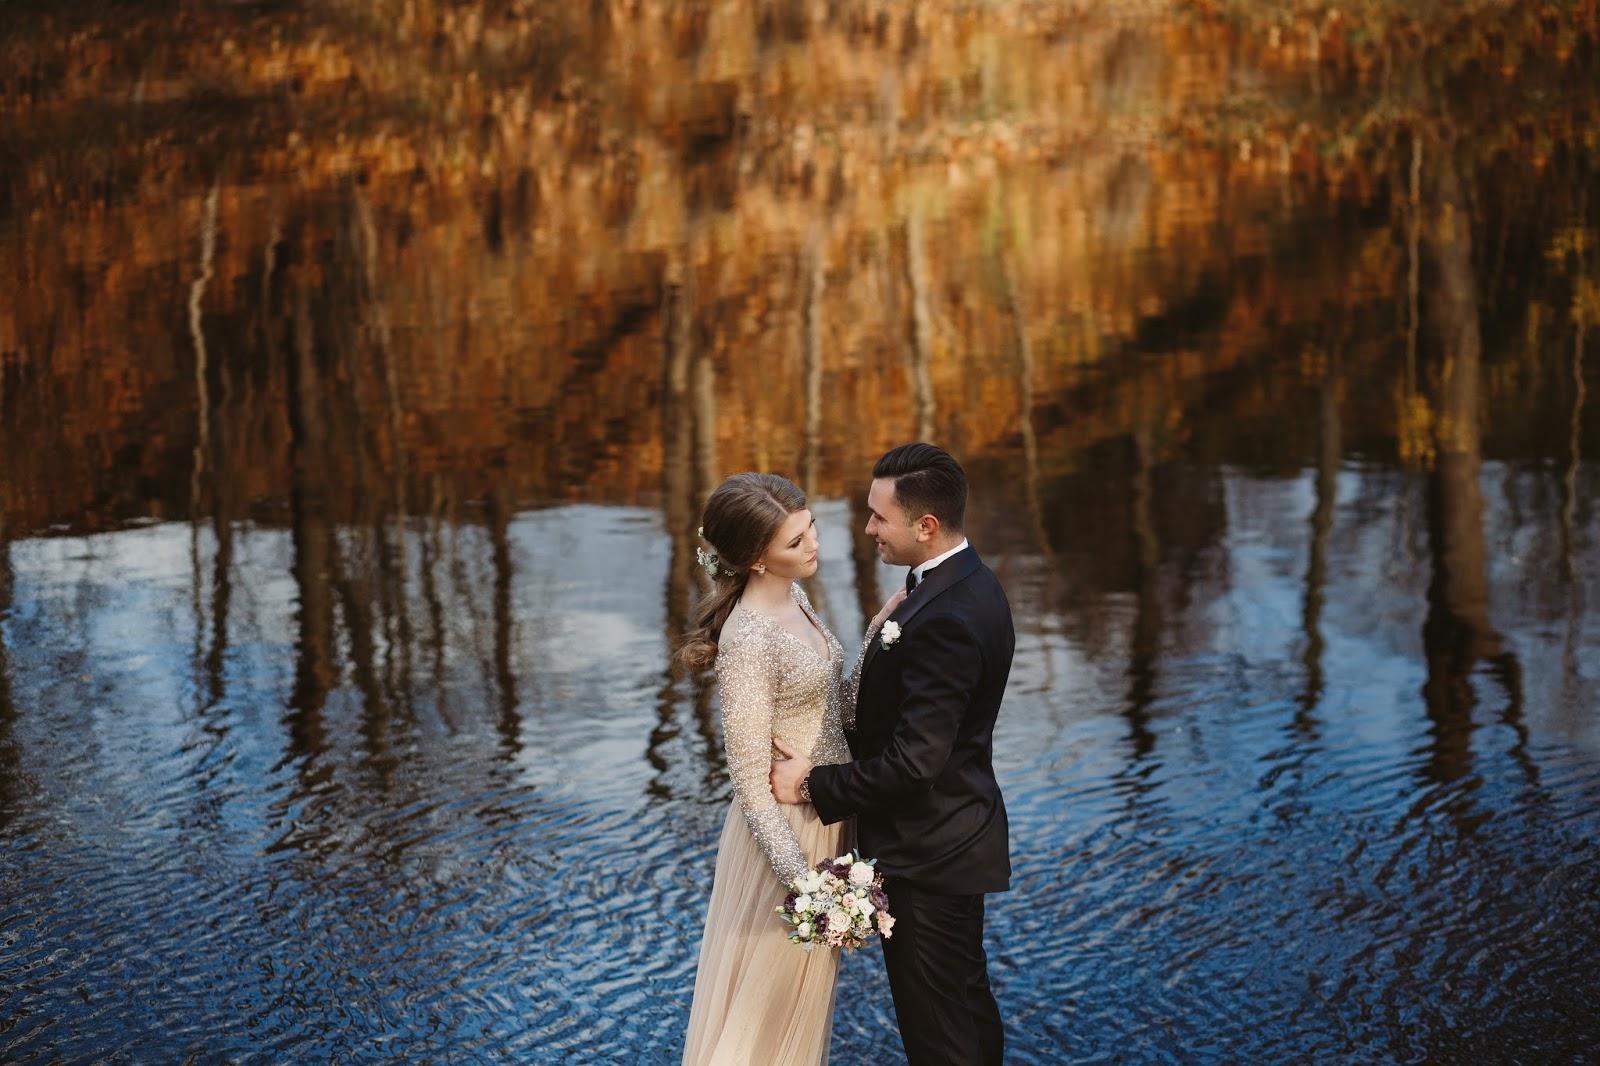 Vestuviu fotosesija Panevezyje